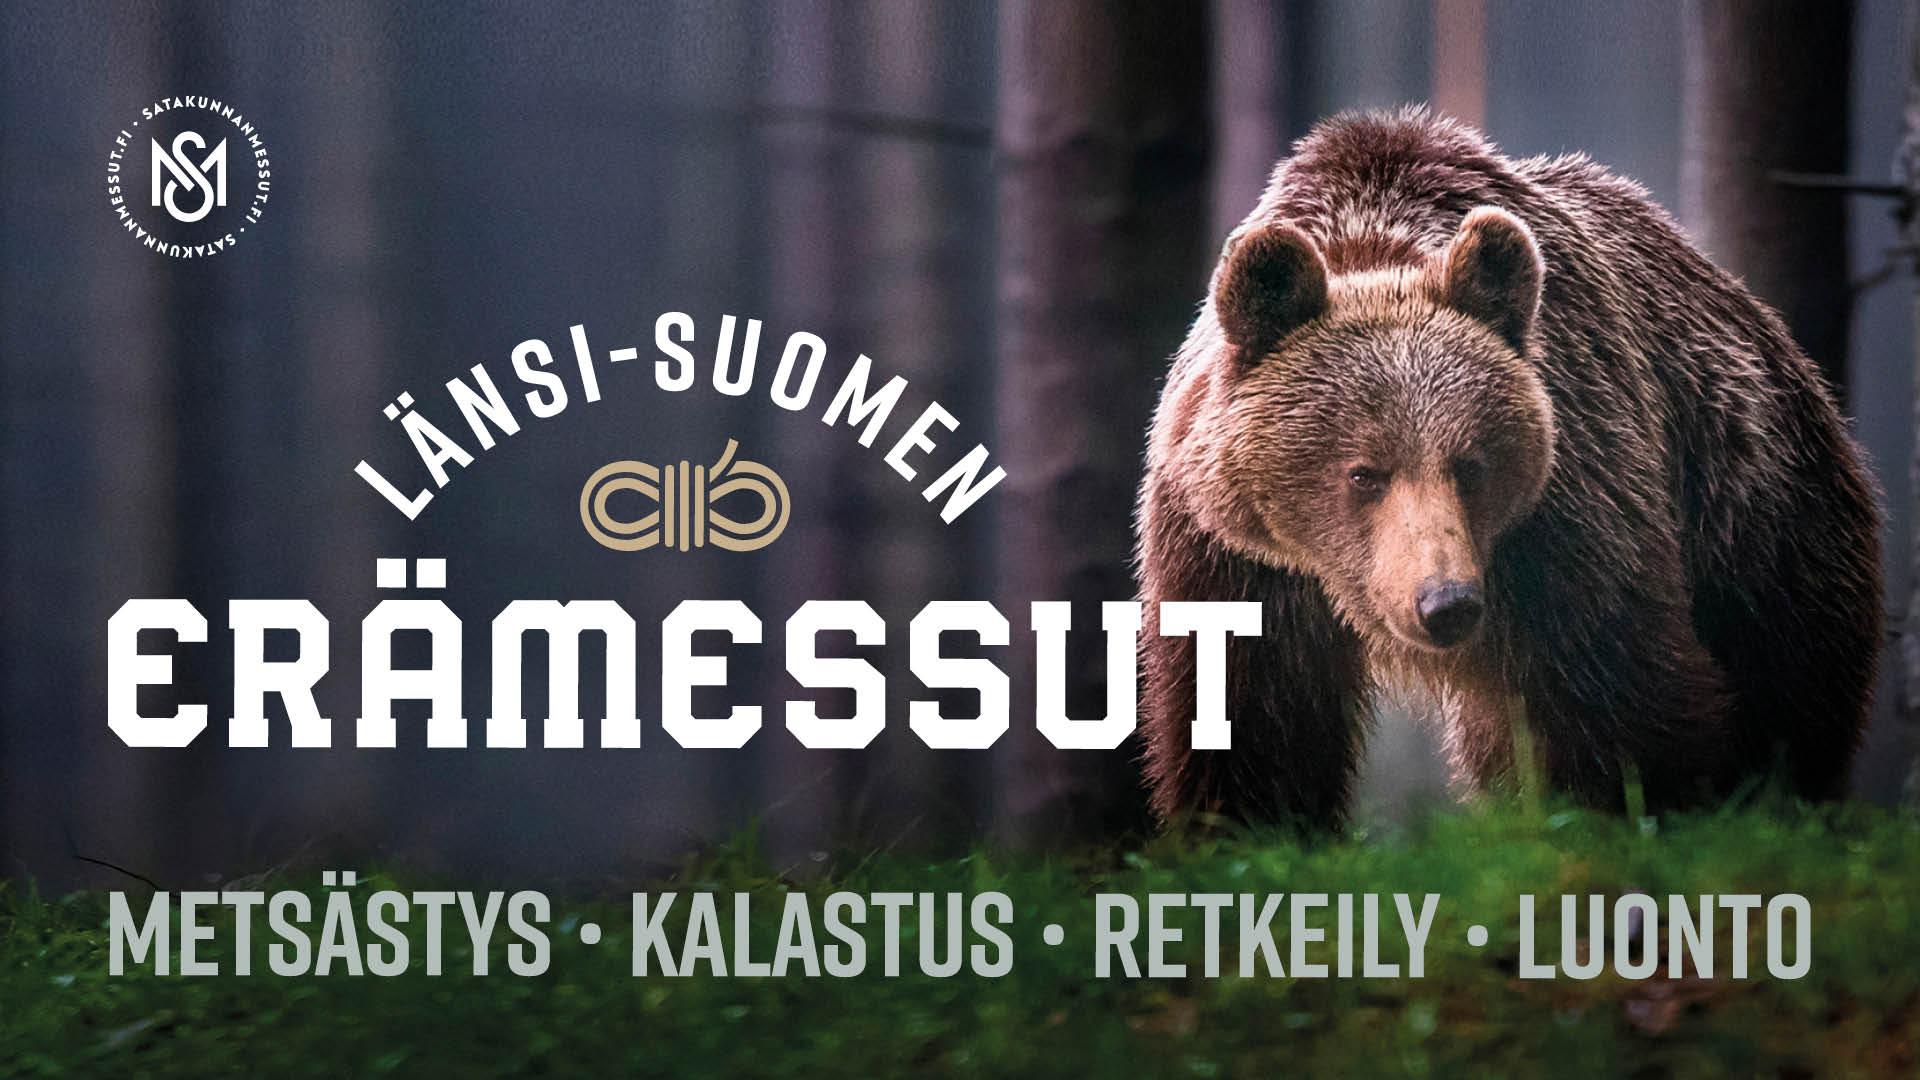 Länsi-Suomen Erämessut